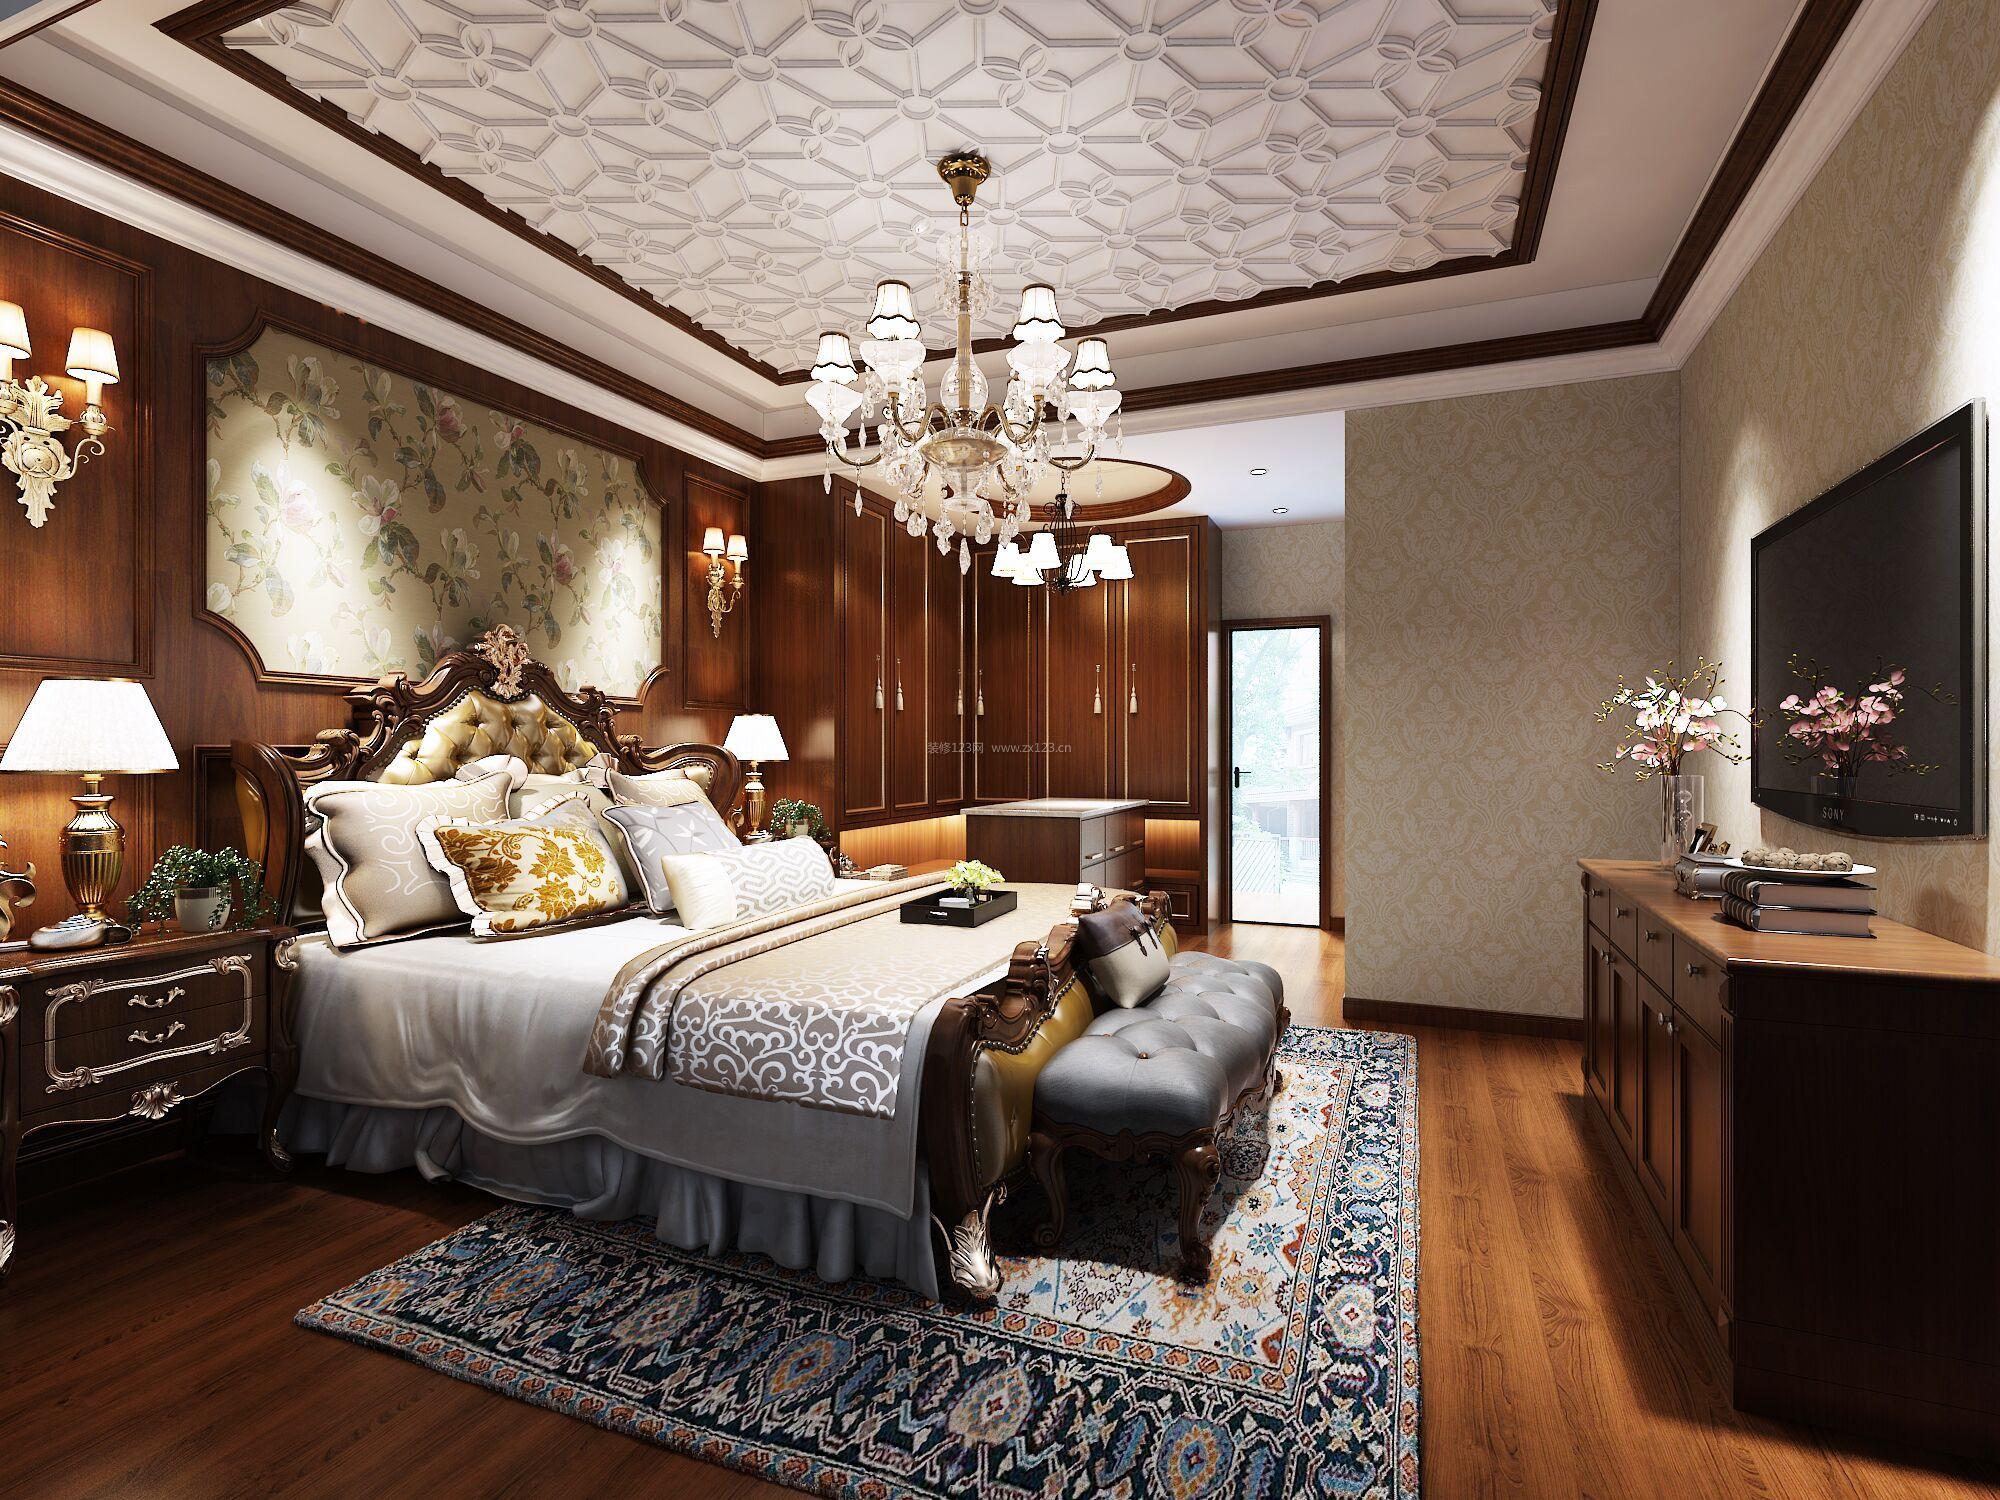 家装效果图 美式 纯美式风格卧室背景墙设计装修效果图 提供者:   ←图片